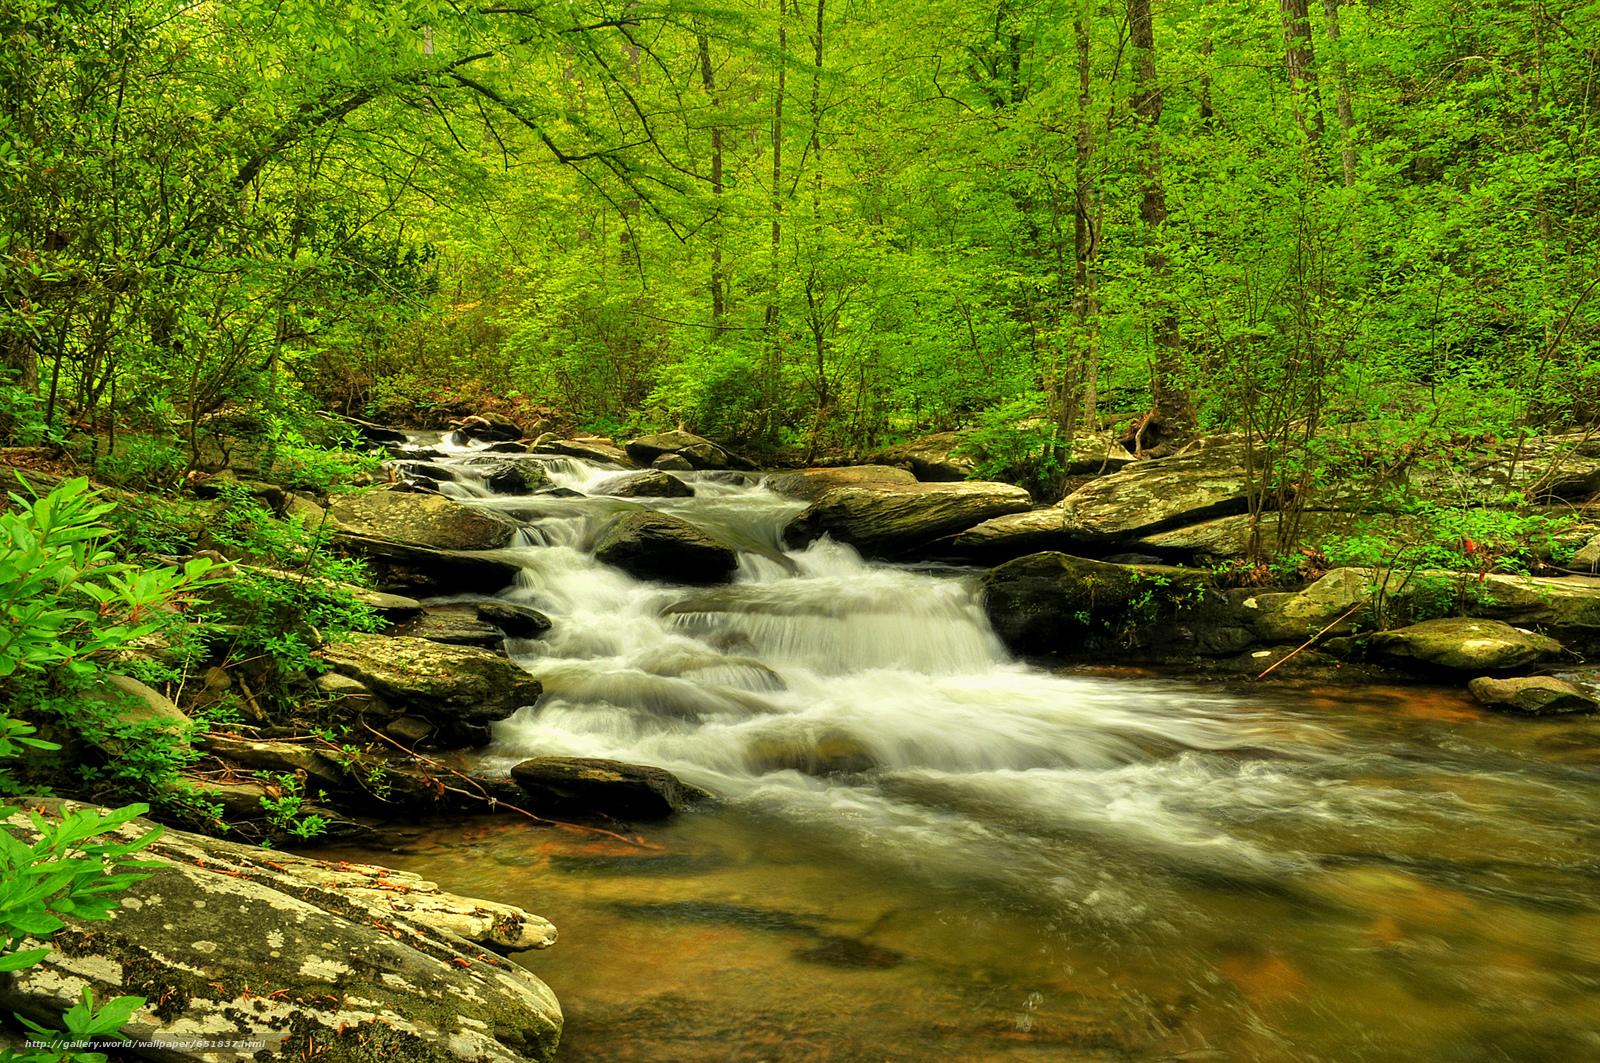 Скачать обои водопад,  скалы,  река,  лес бесплатно для рабочего стола в разрешении 2048x1360 — картинка №651837